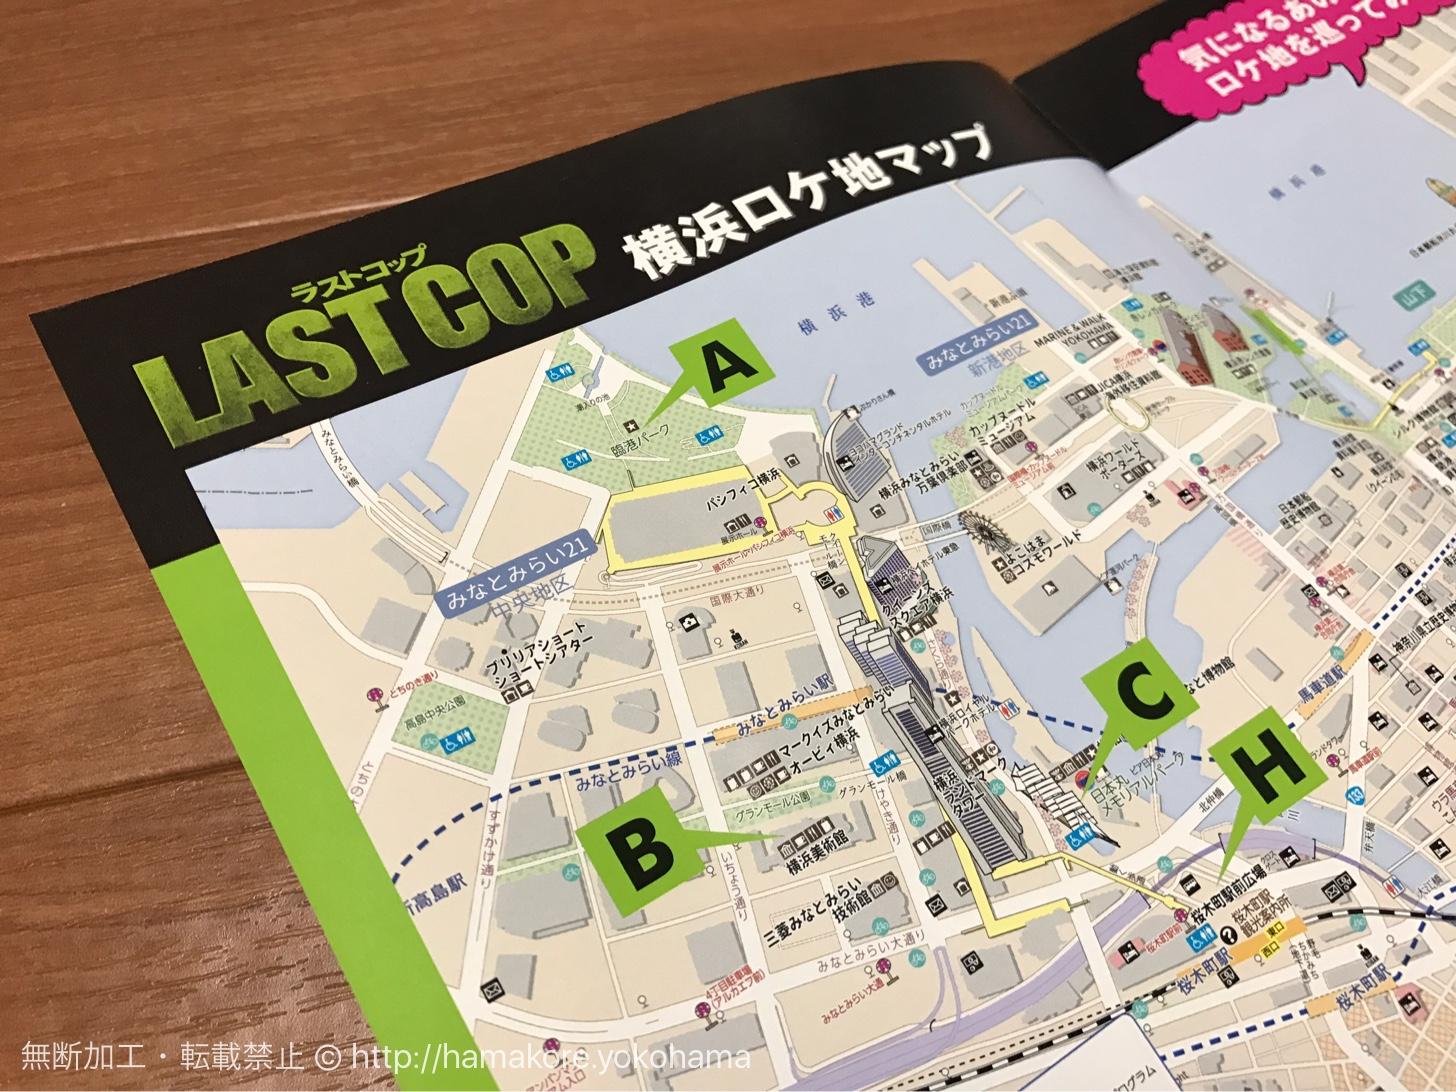 ラストコップ横浜ロケ地マップ